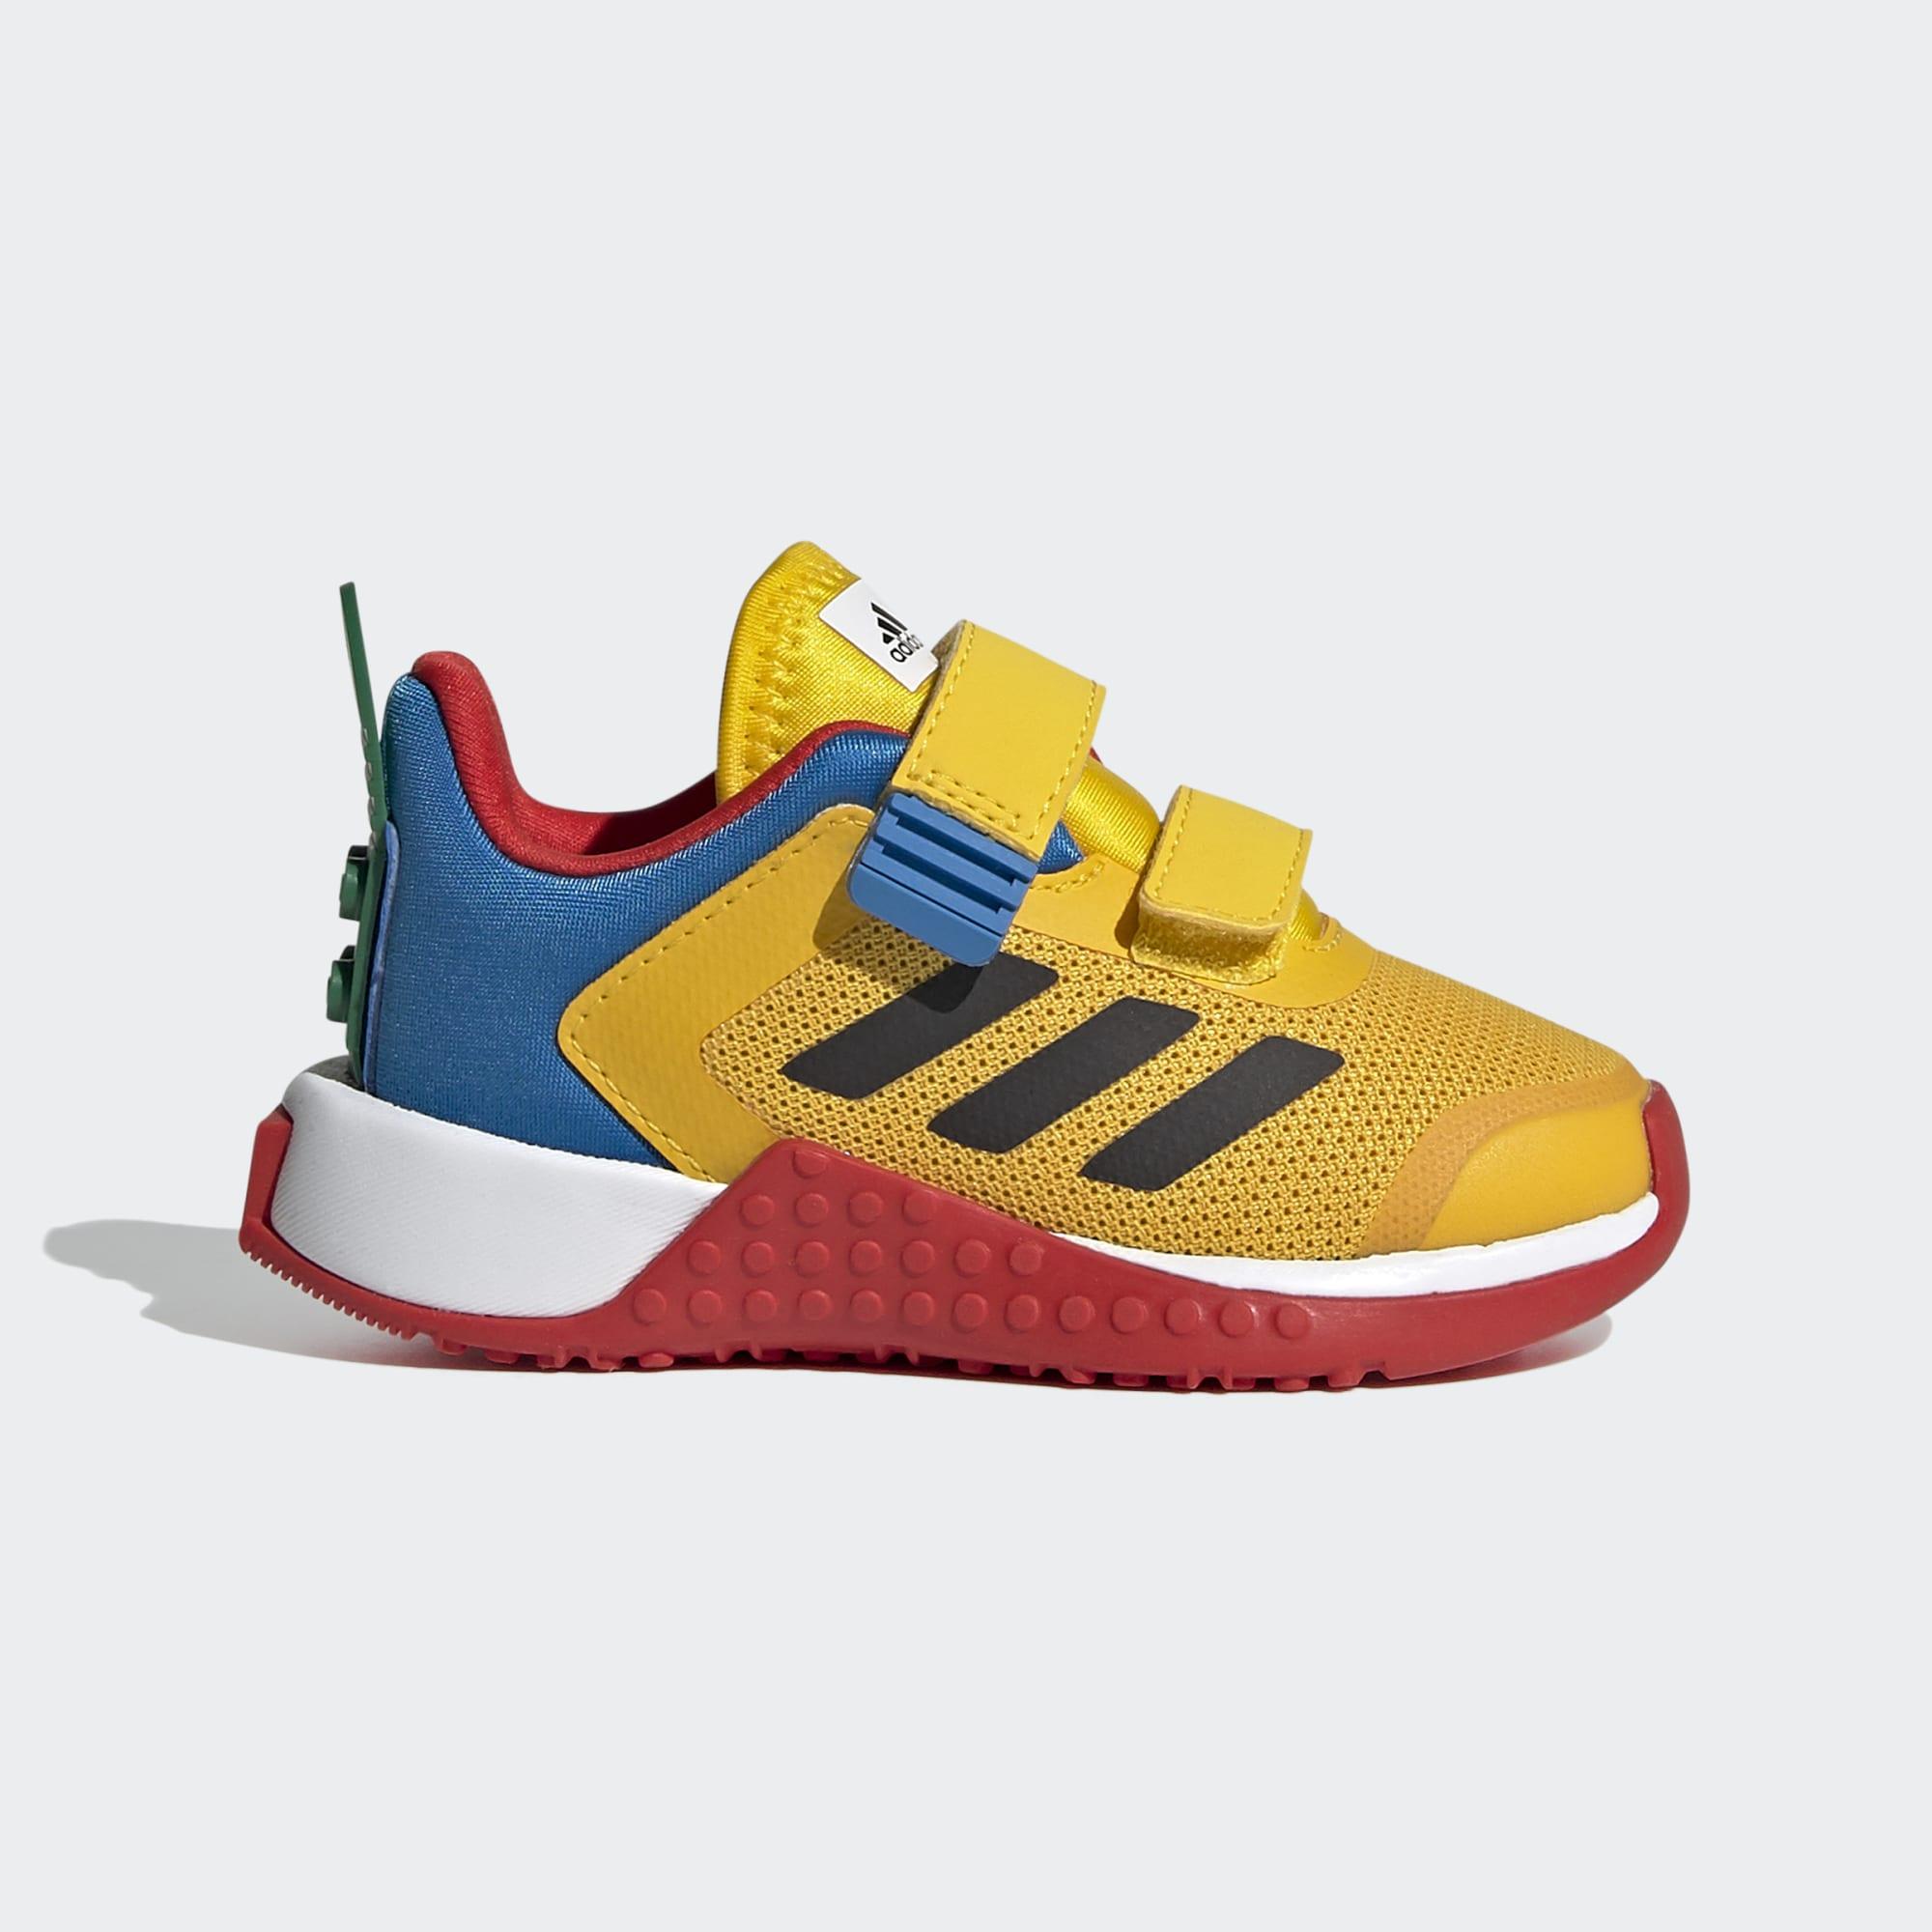 LEGO x Adidas Kids Collection 2021 nu beschikbaar in LEGO ...